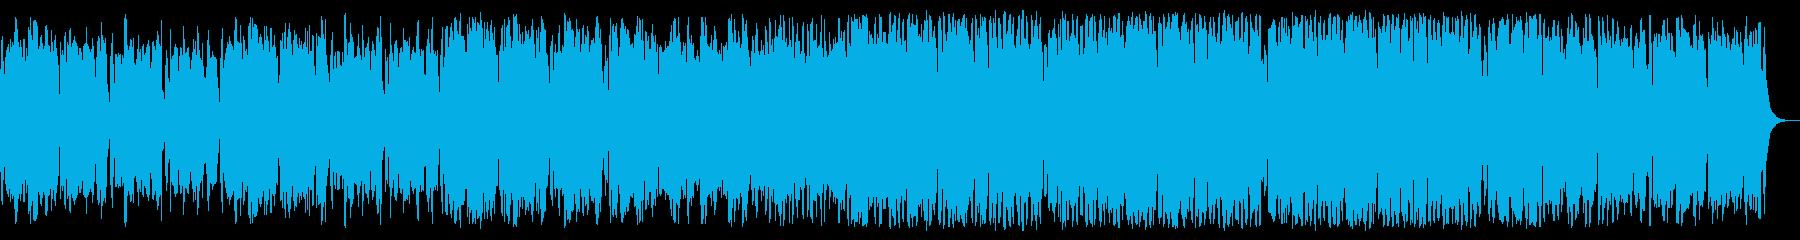 力強いドワーフのような おまぬけコミカルの再生済みの波形